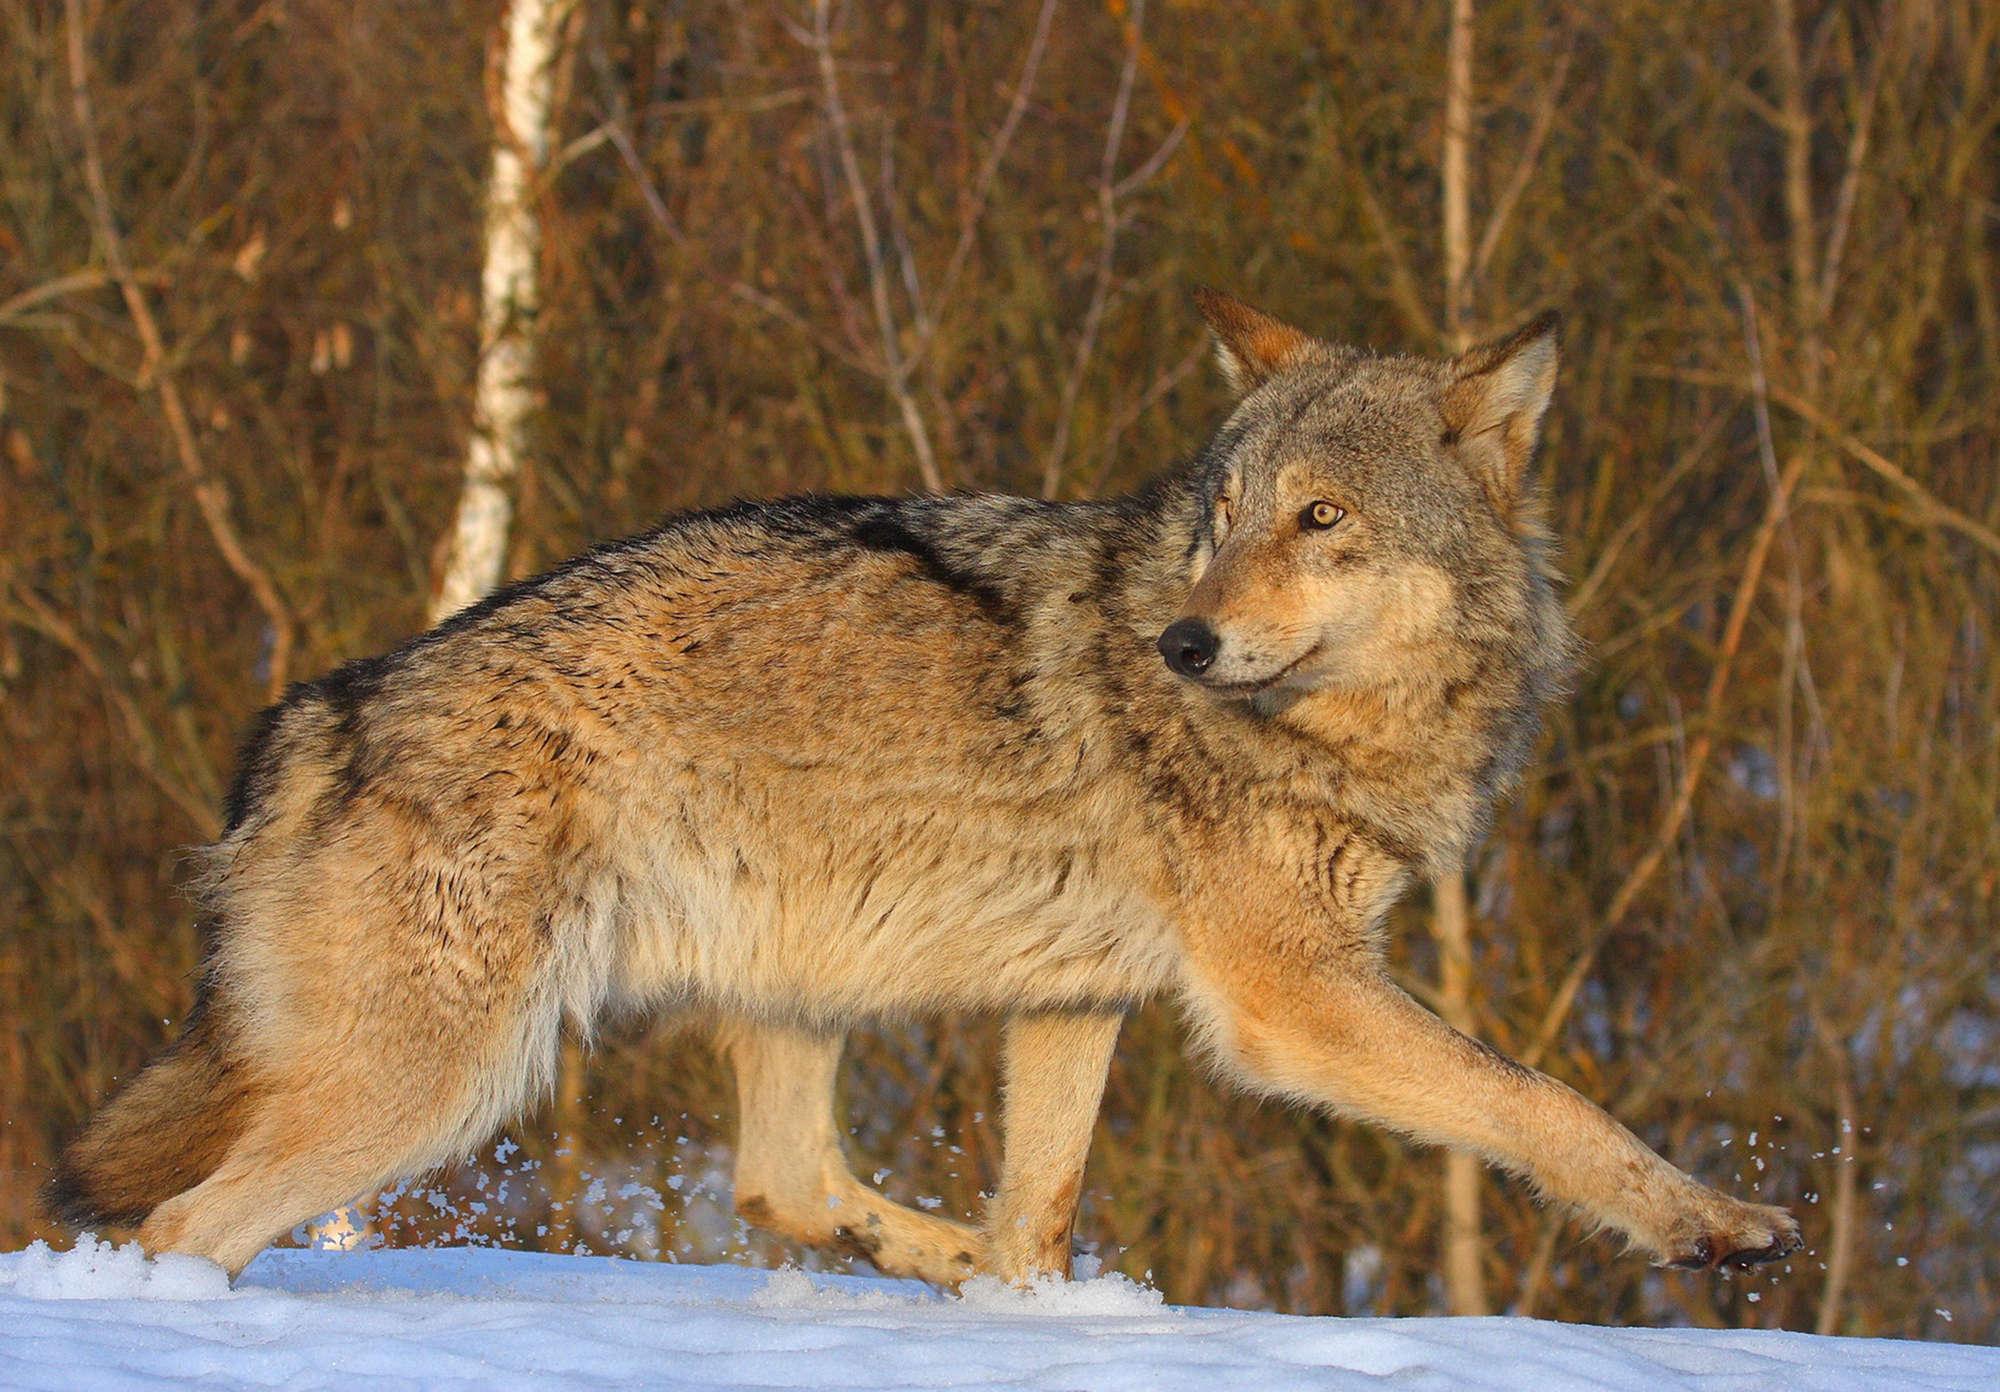 Λύκος. Φωτο: Valeriy Yurko Πηγή: www.lifo.gr